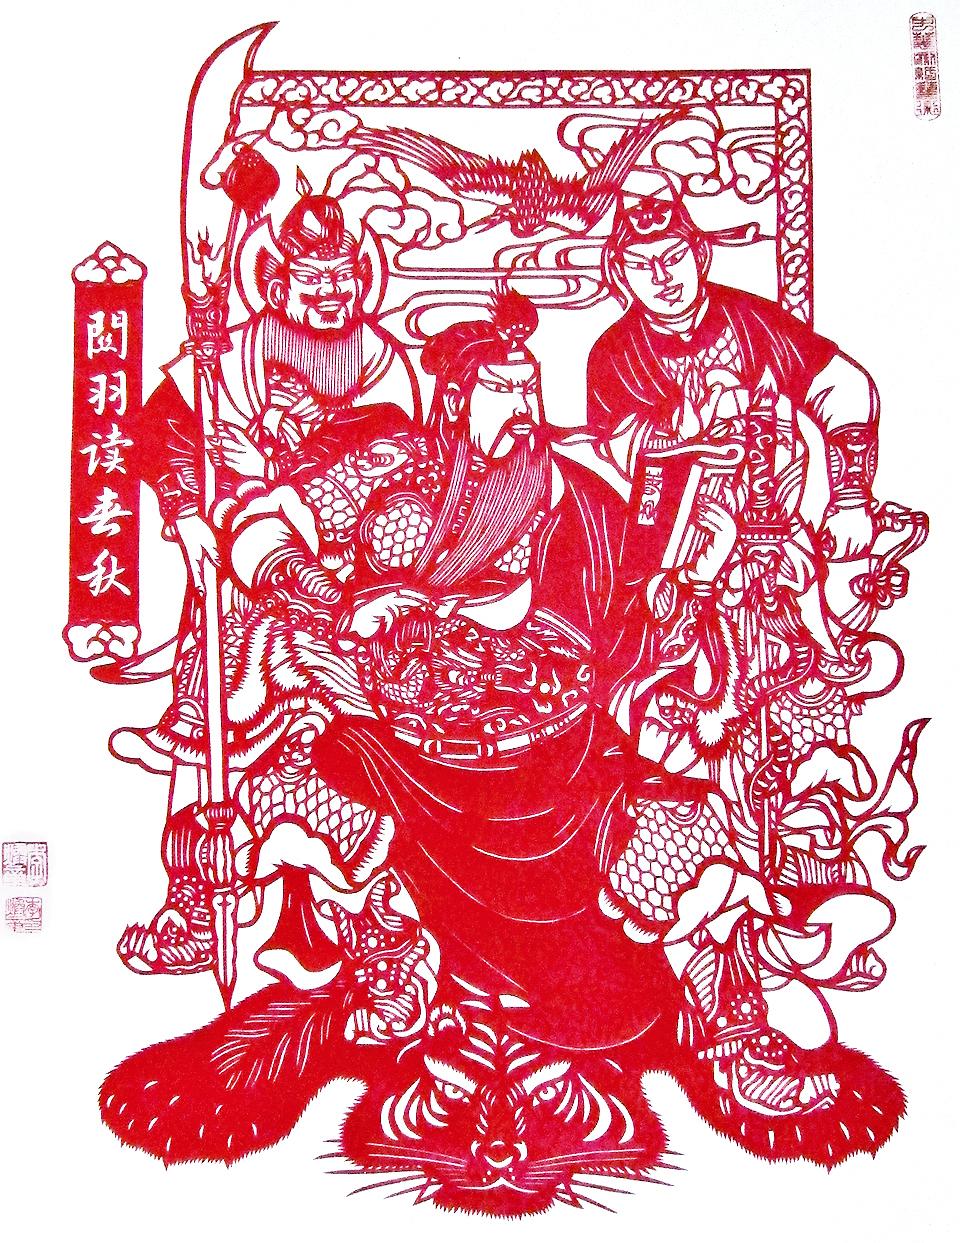 《關羽讀春秋》,取材自《三國演義》的故事情節(鍾元/大紀元)